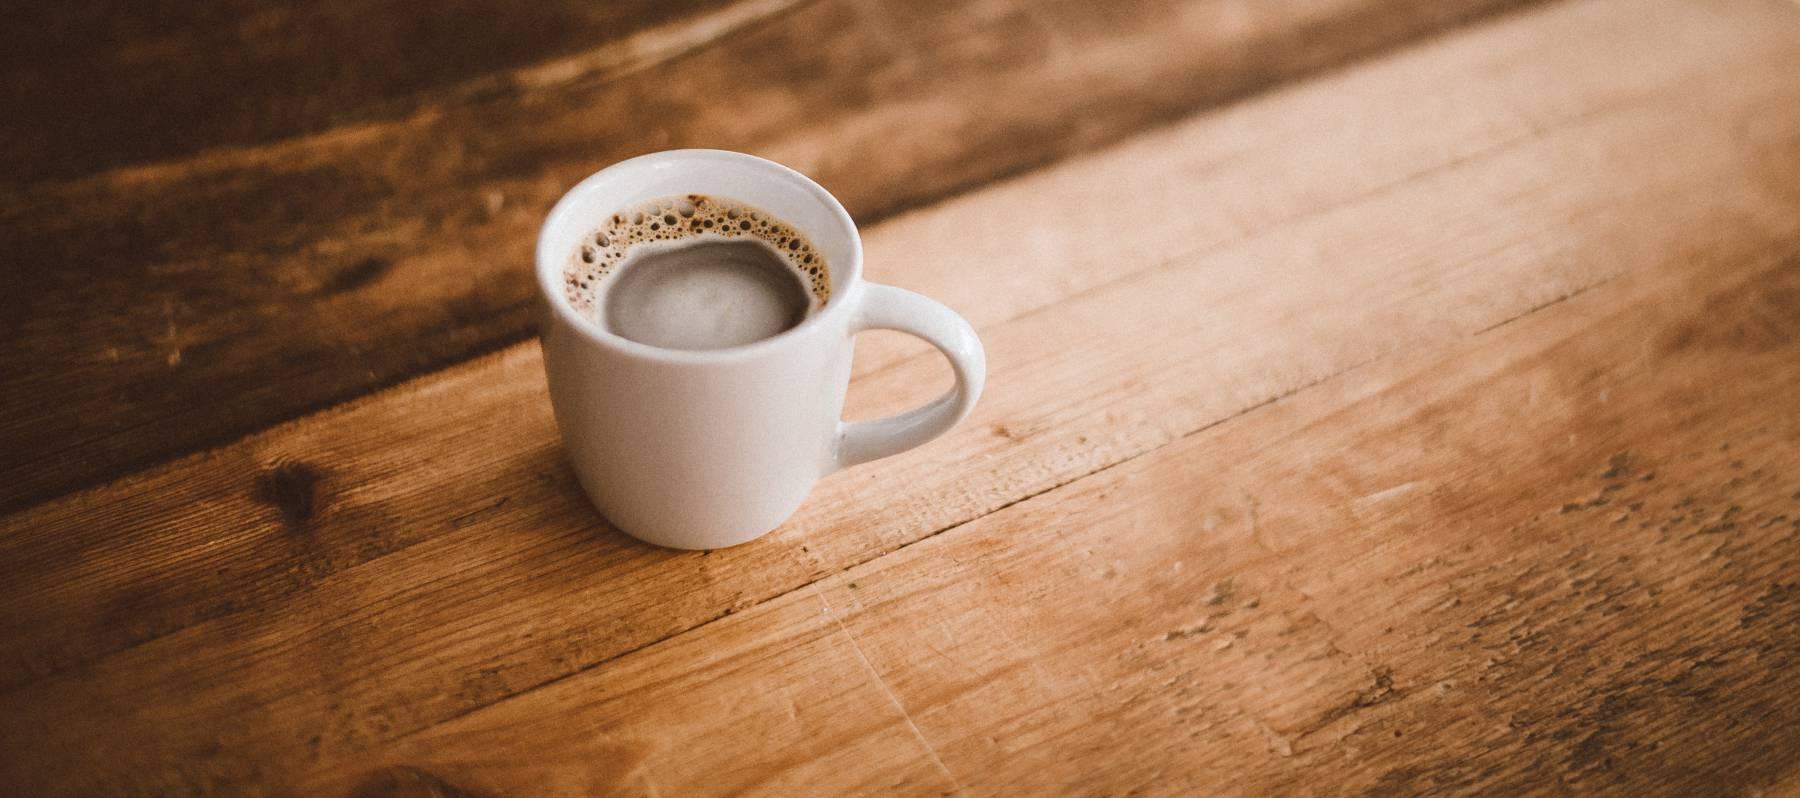 Basta de tonterías con el café